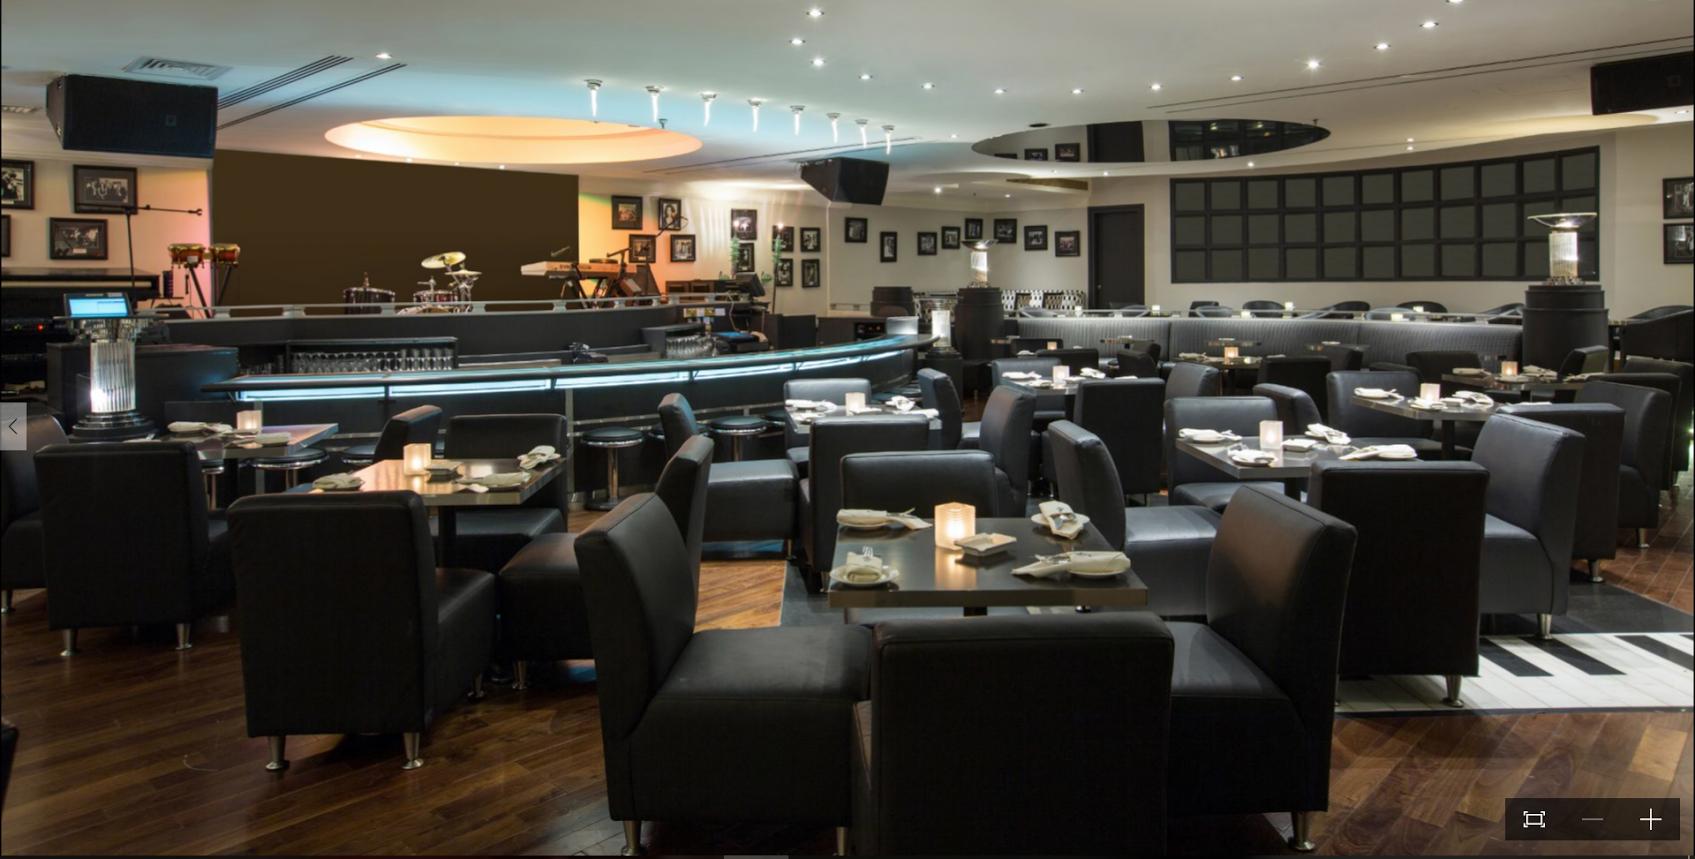 """إعادة إفتتاح مطعم ونادي """"جاز"""" في فندق هيلتون أبوظبي الكورنيش"""